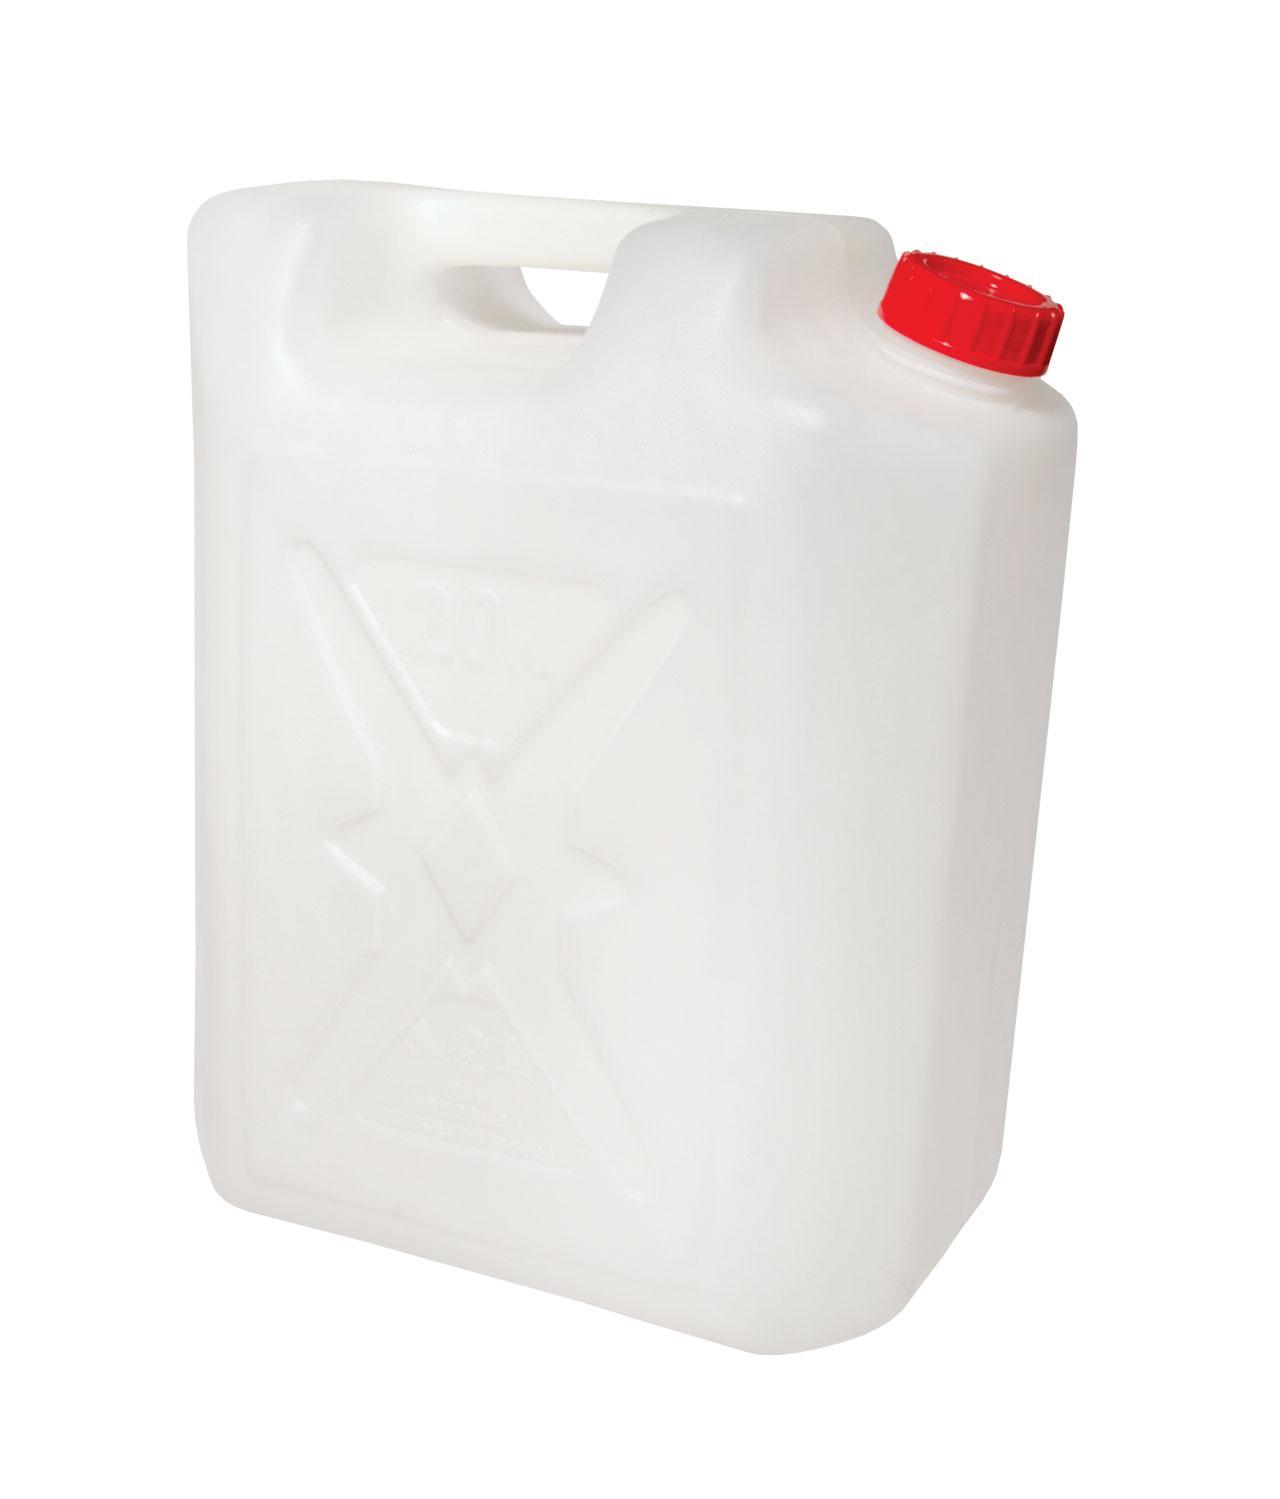 Канистра Альтернатива, 13 лM037Канистра Альтернатива на 13 литров, изготовленная из прочного пластика, несомненно, пригодится вам во время путешествия. Предназначена для переноски и хранения различных жидкостей.